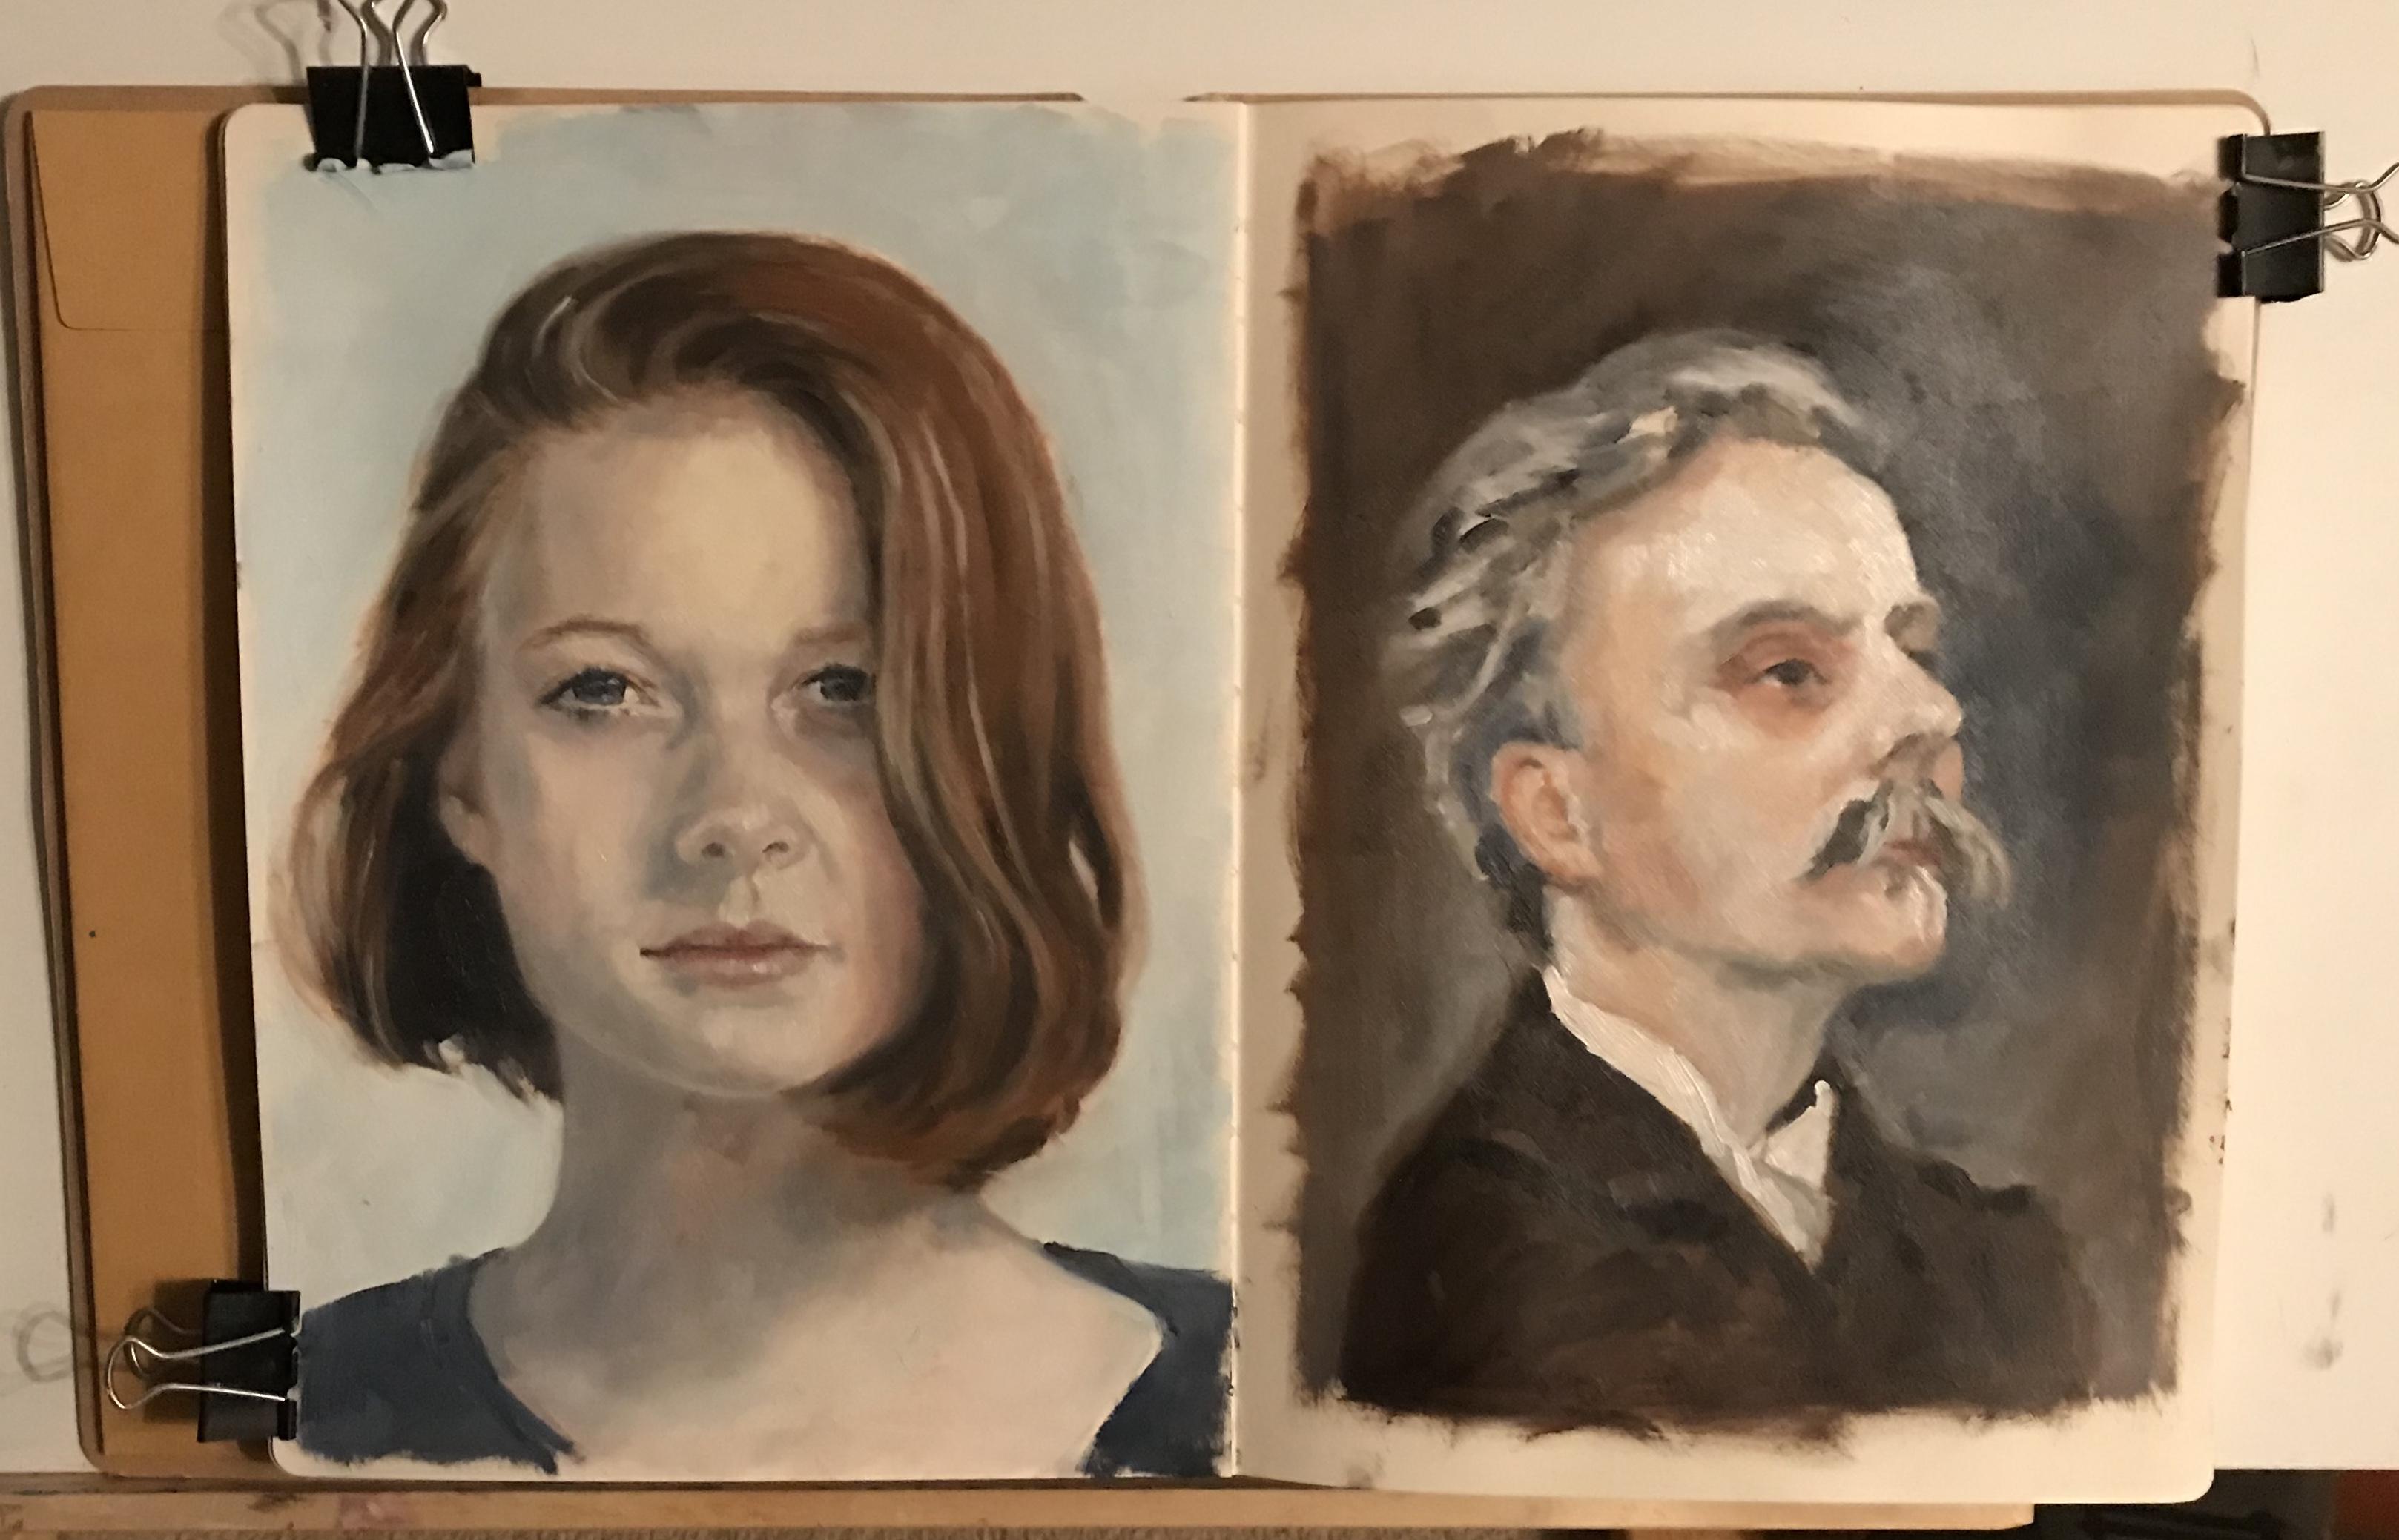 Sketchbook - Portrait Practice 1 & 2